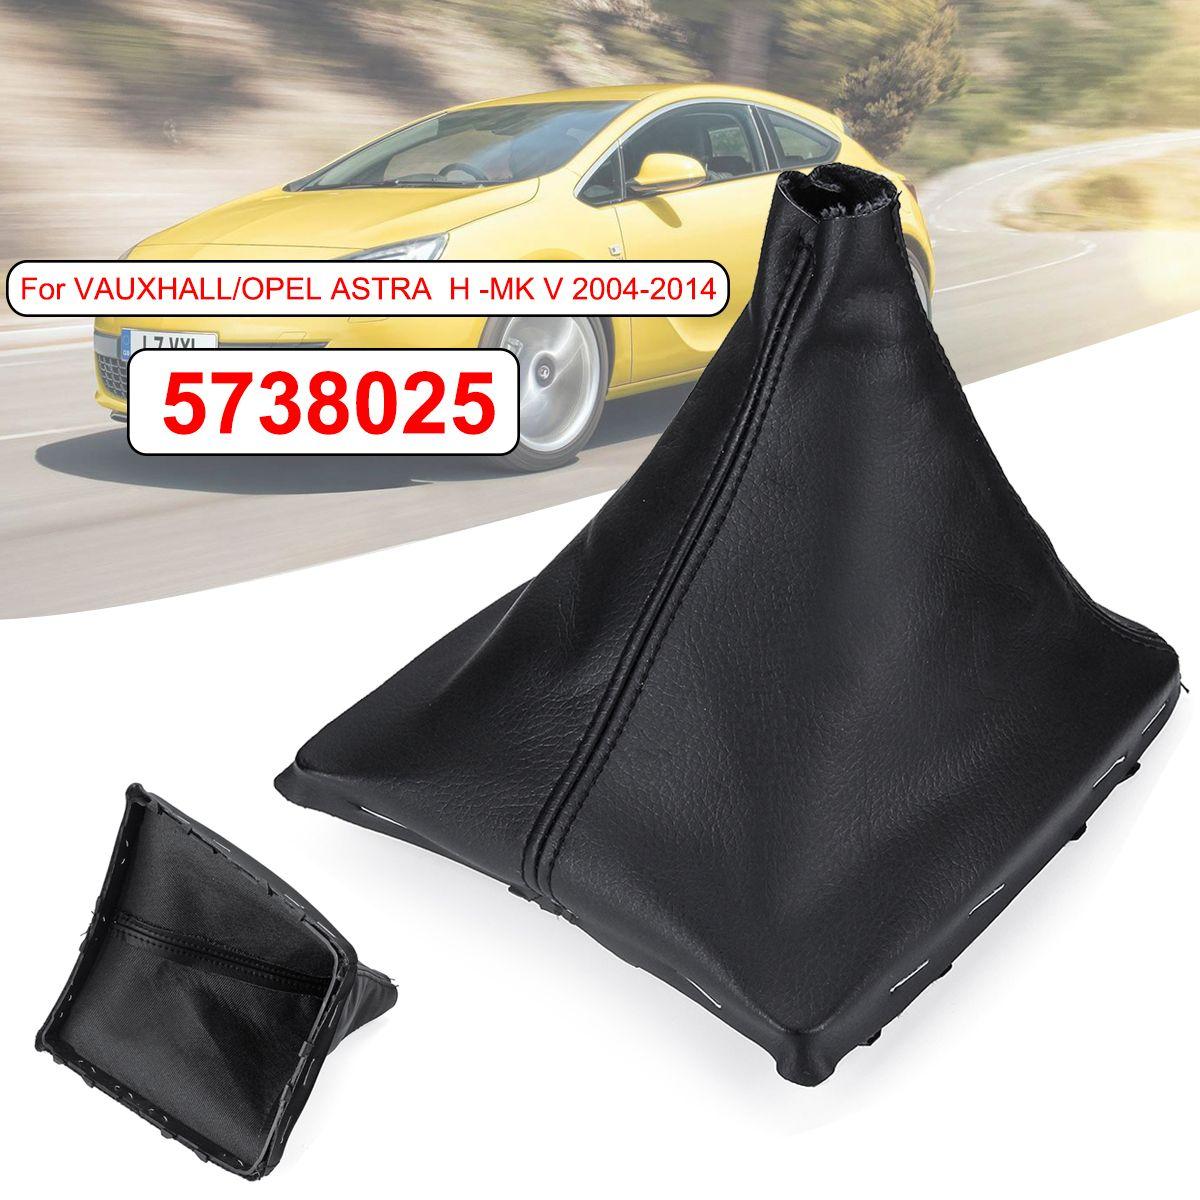 5738025 PU Leder Auto Schaltknauf Gamasche Boot Abdeckung Getriebe Stick Abdeckung Für Vauxhall Opel Astra H-MK V